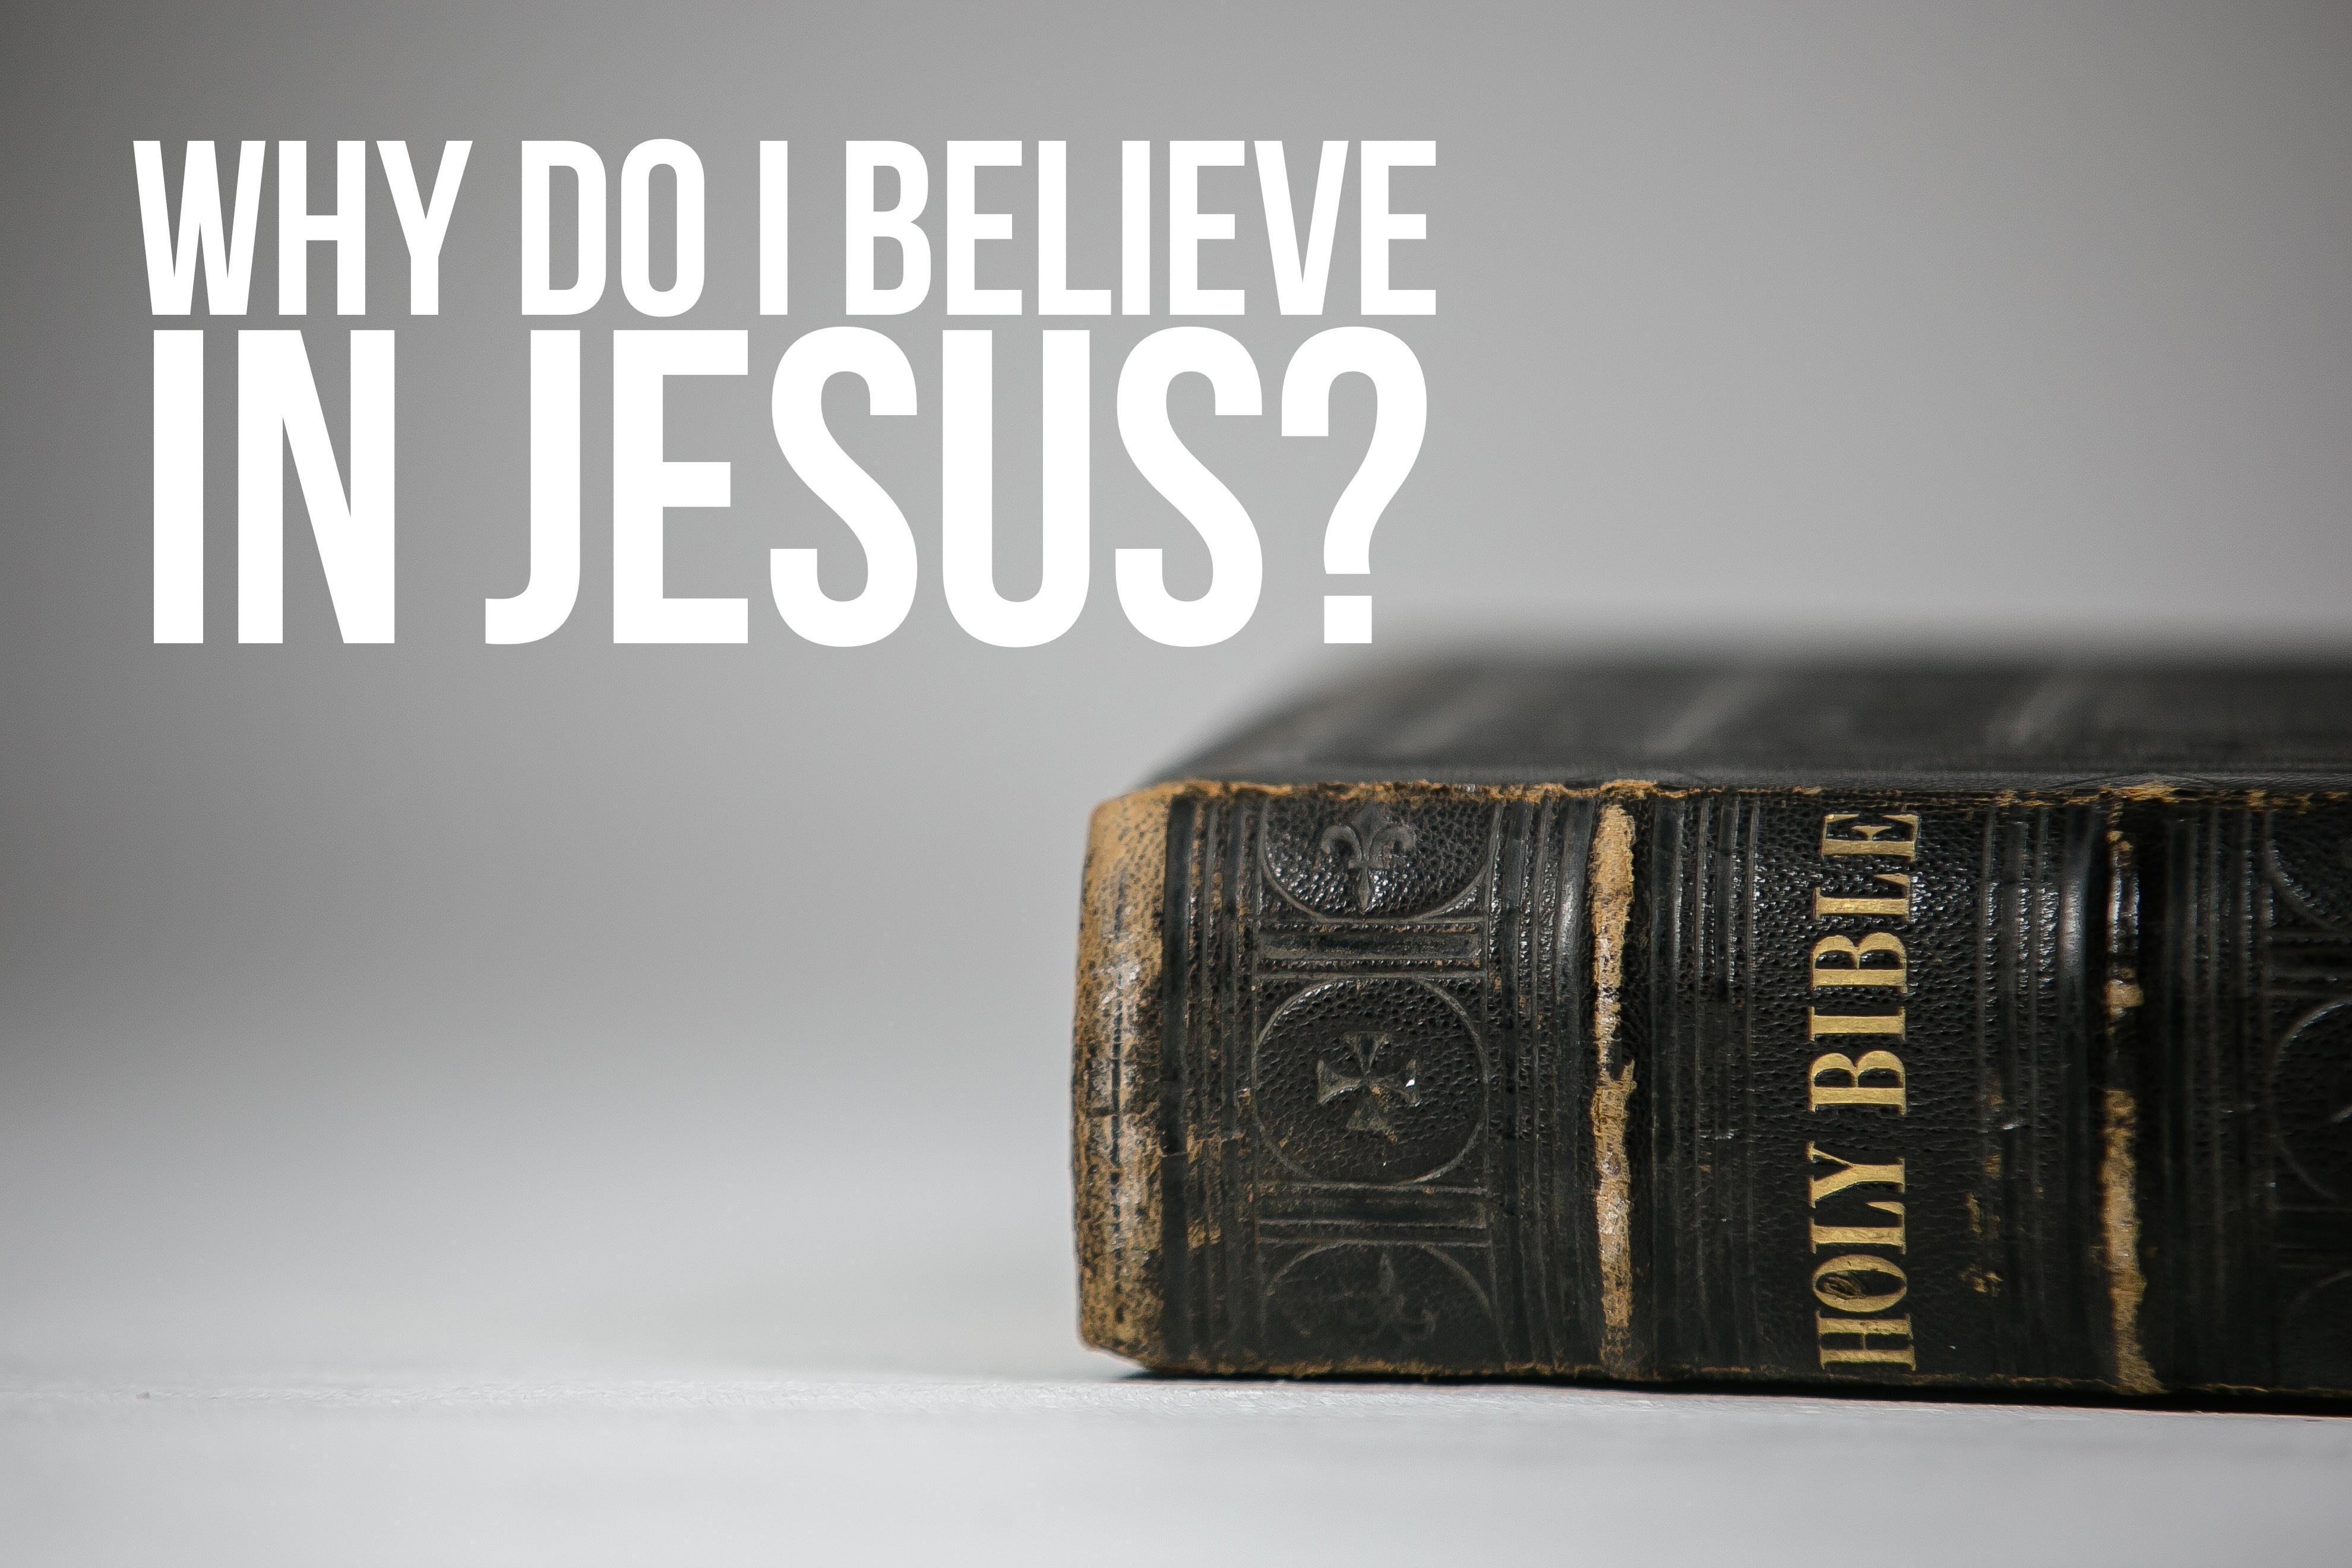 Why Do I Believe In Jesus?